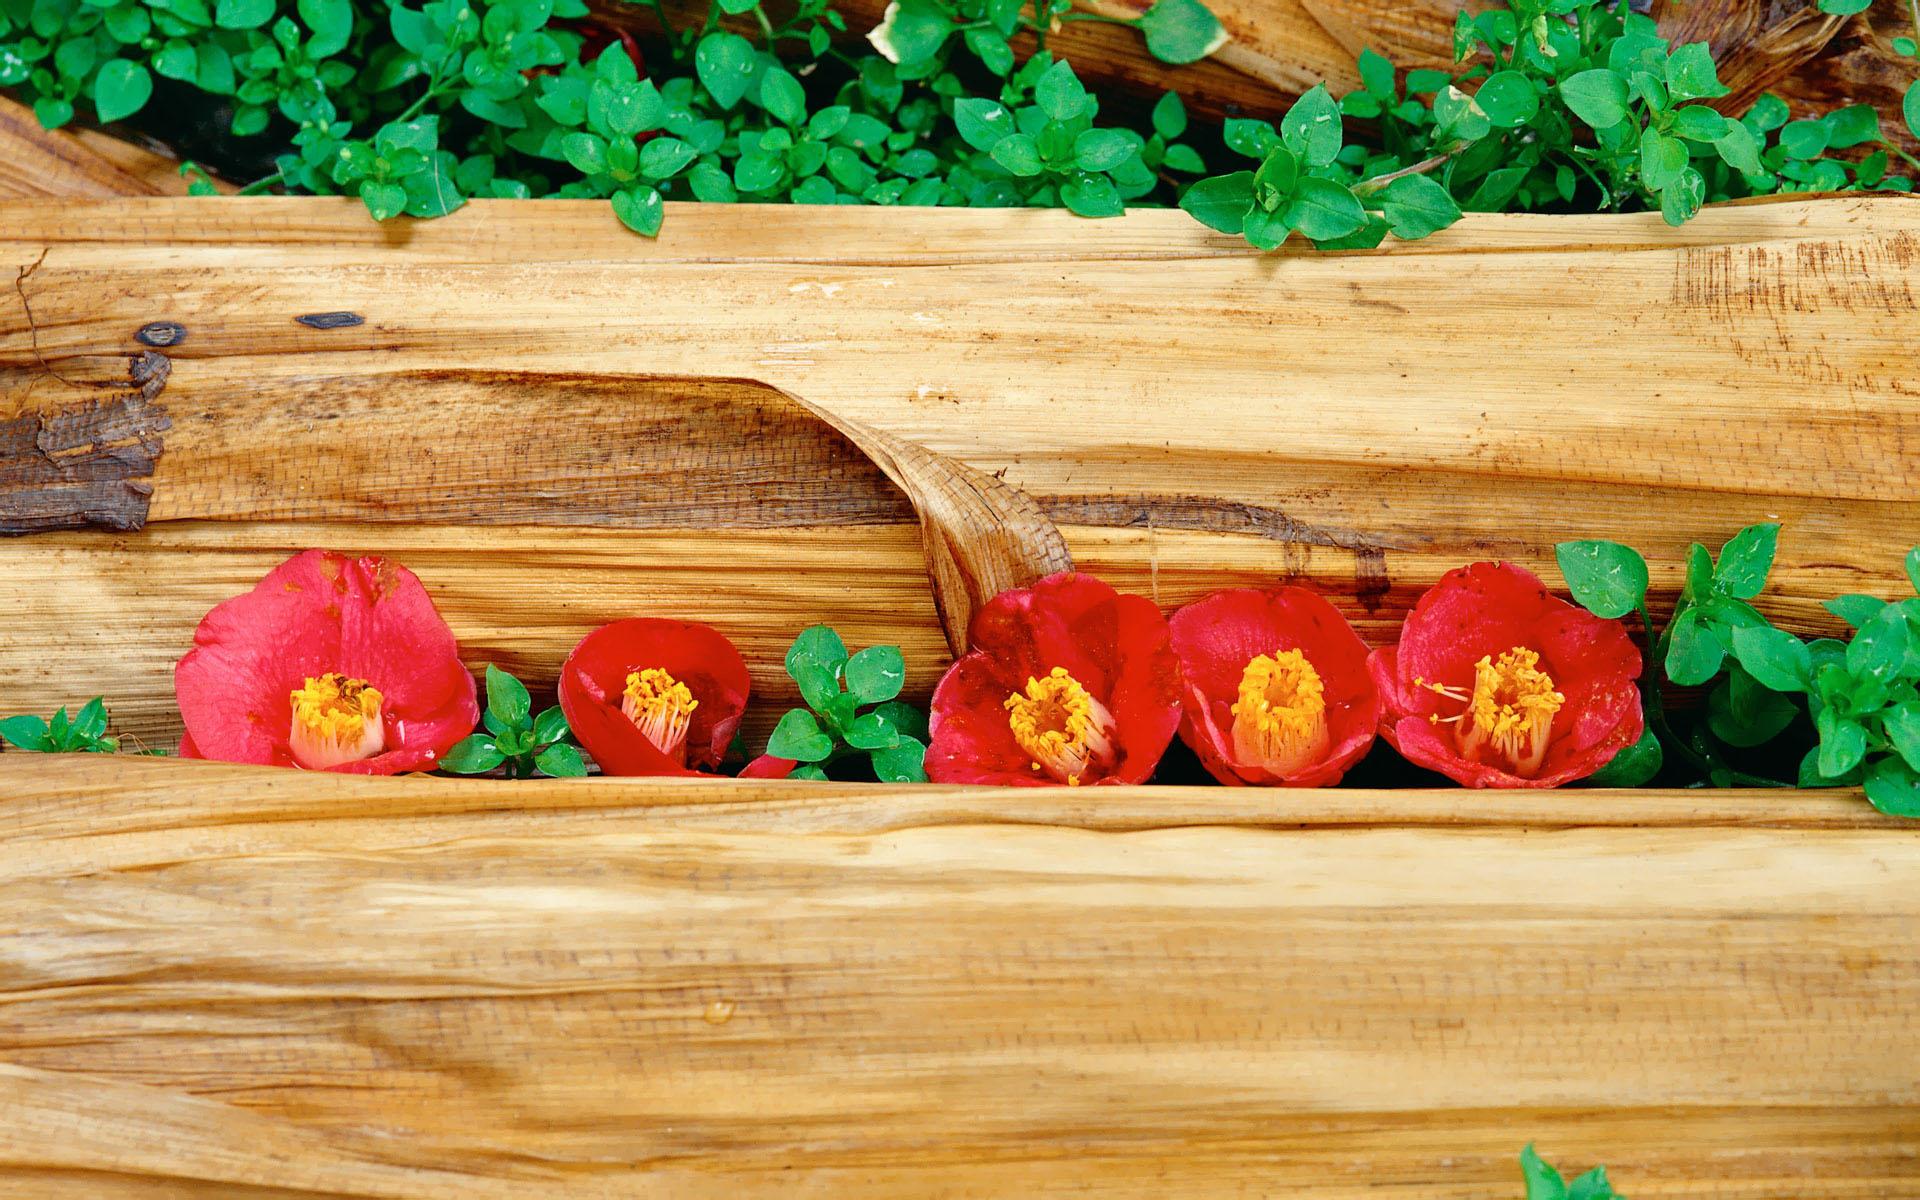 壁纸1920×12006种尺寸 韩国花卉摄影壁纸 Professional flower photography壁纸 韩国花卉摄影集壁纸图片花卉壁纸花卉图片素材桌面壁纸